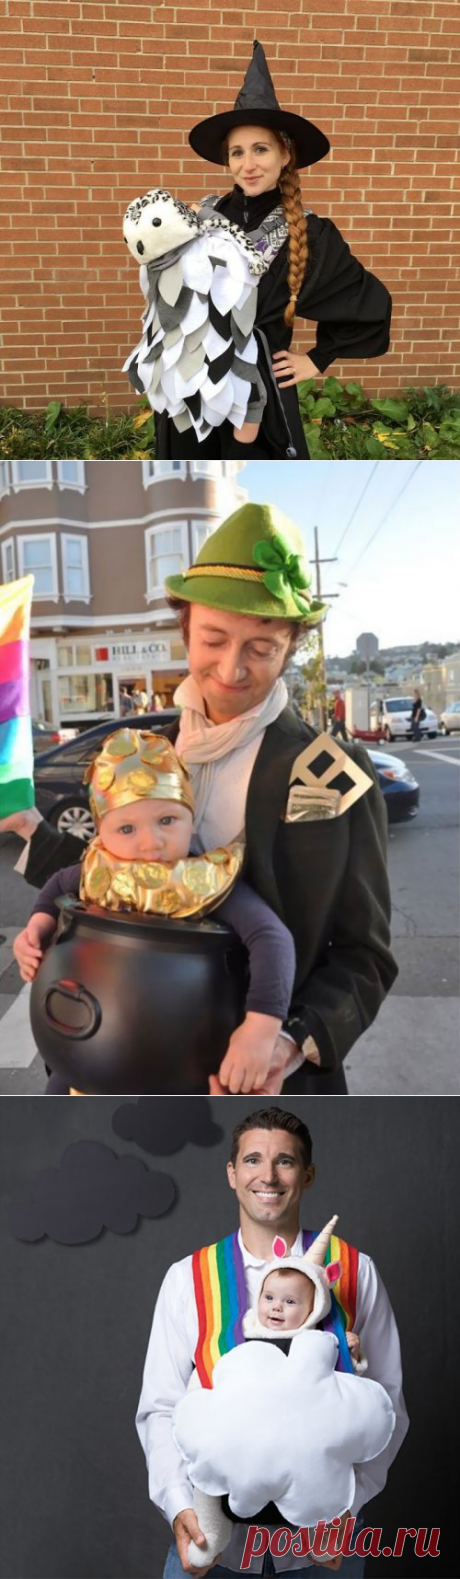 Креативные костюмы с сумками-кенгуру на Хэллоуин для родителей и детей — Убойный юмор - amworld